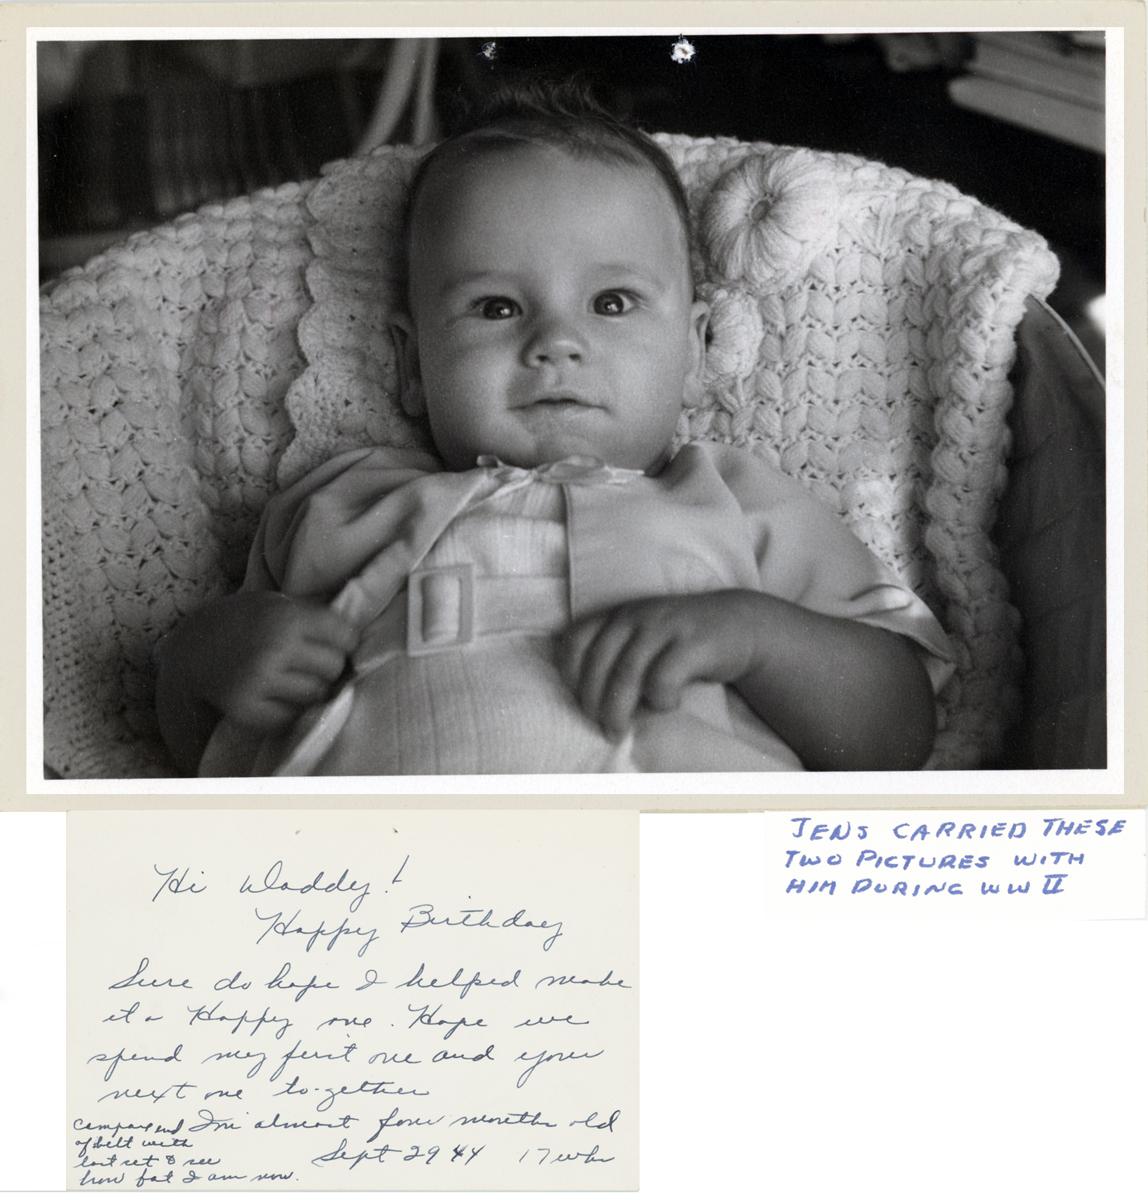 Baby Anders Norgaard 2